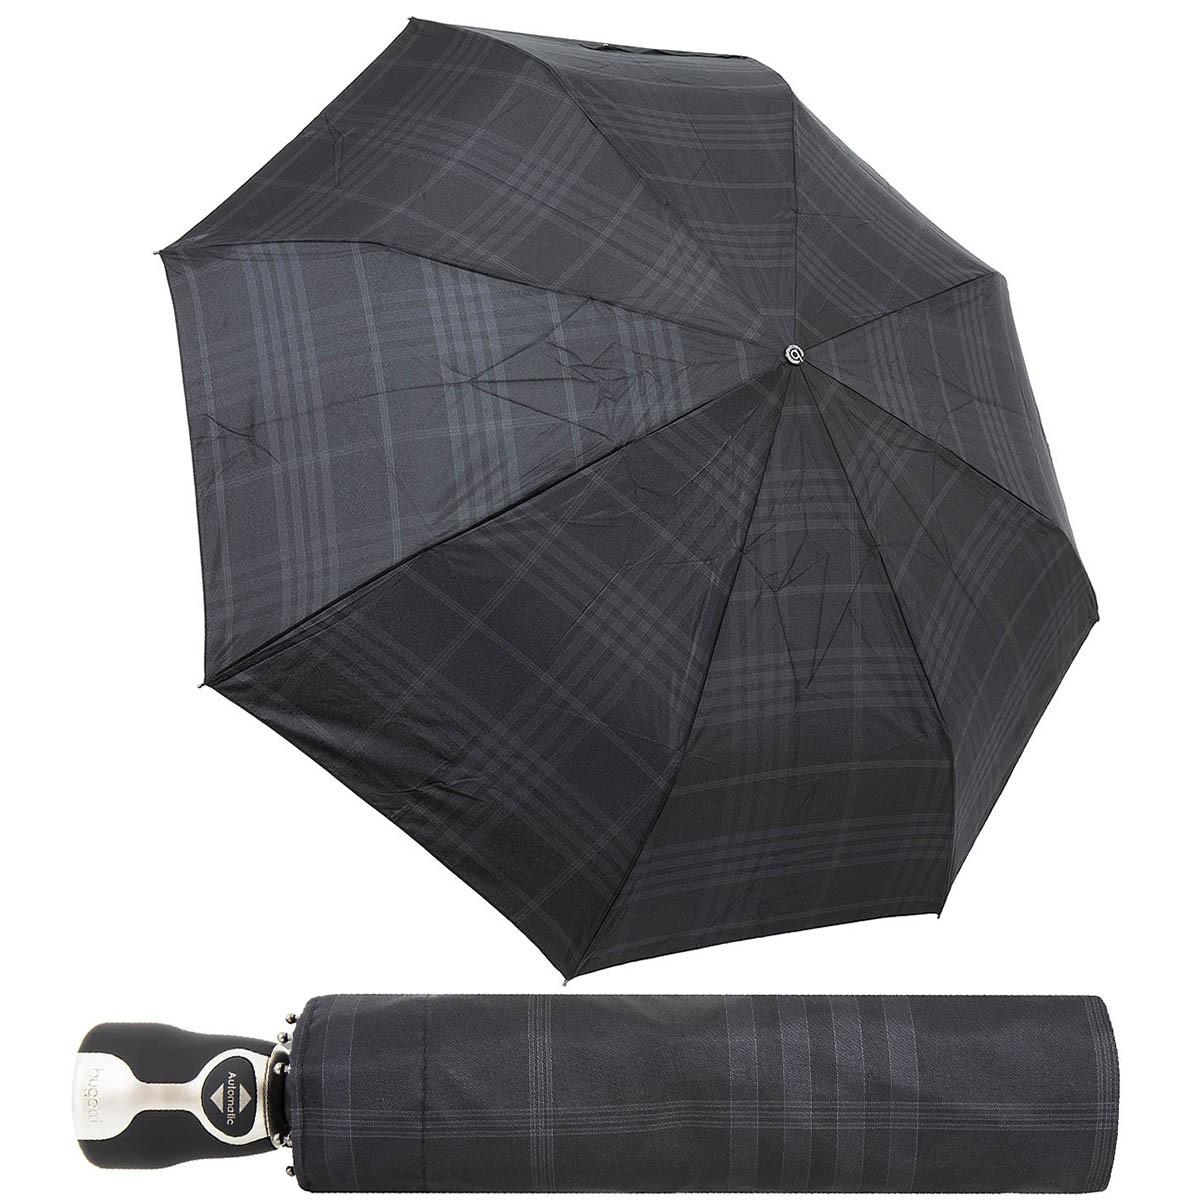 Bugatti Gran Turismo Check Regenschirm Umbrella 74662001BU